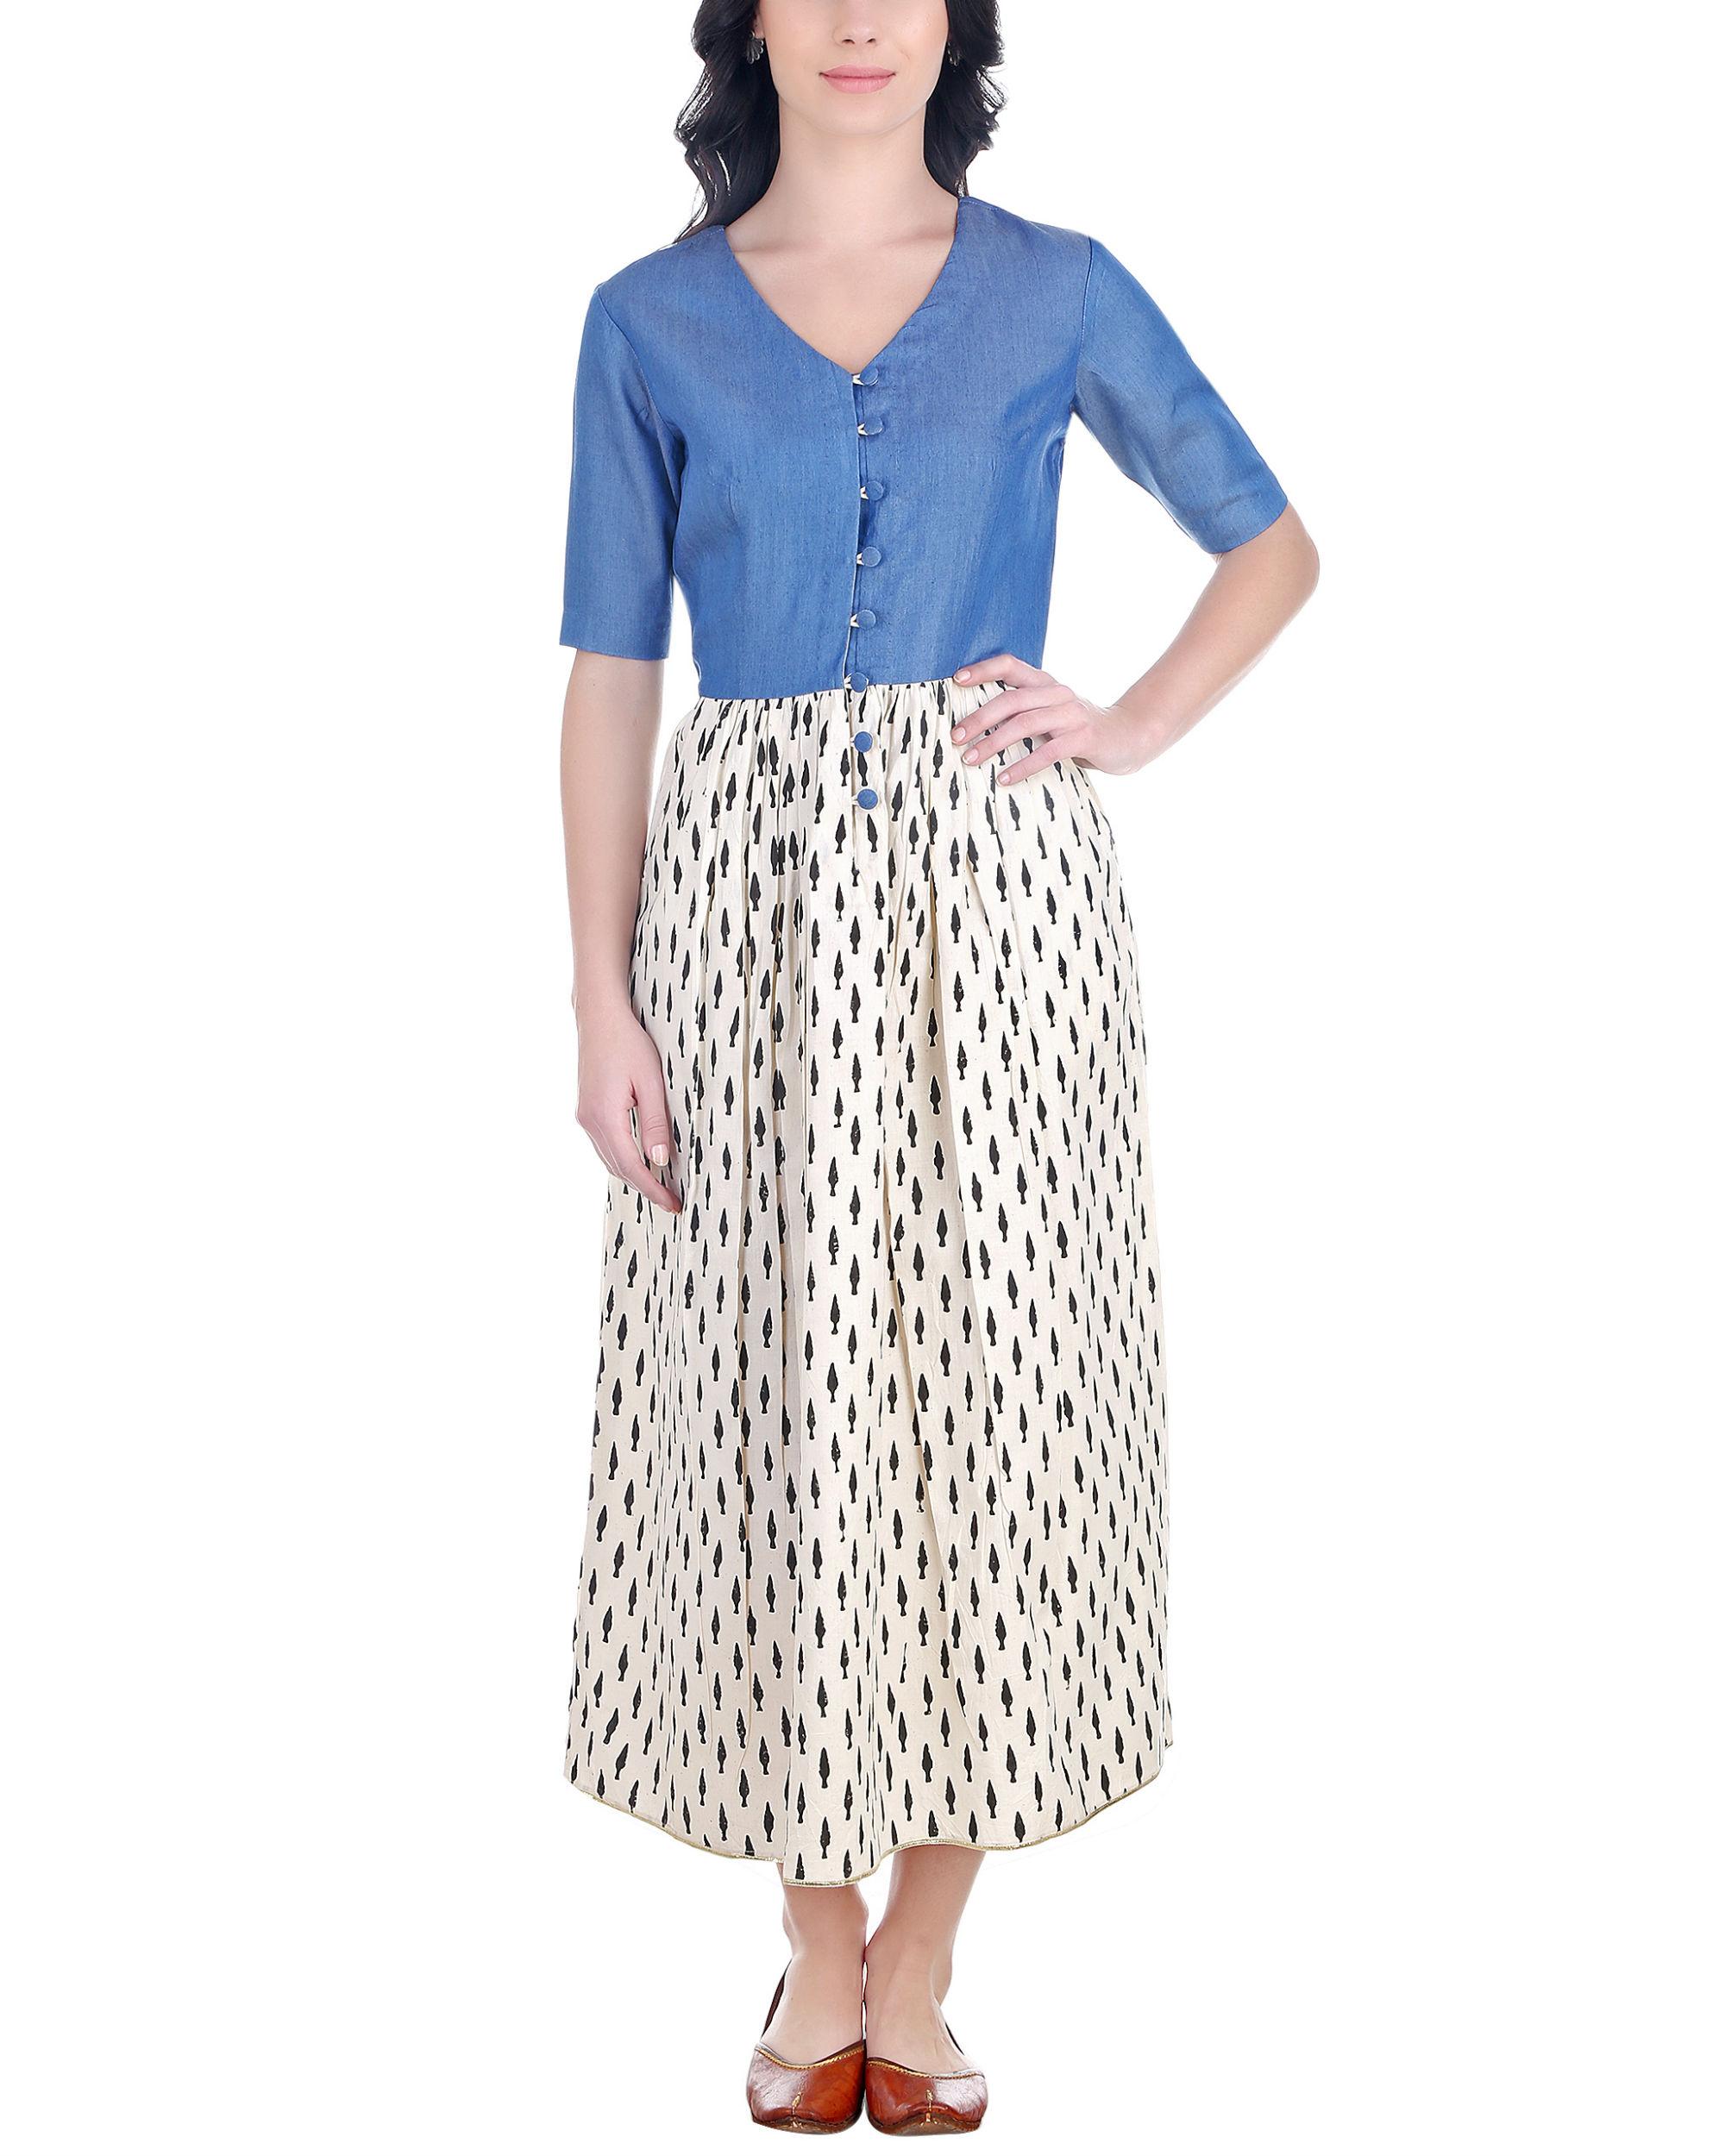 Denim and block print dress